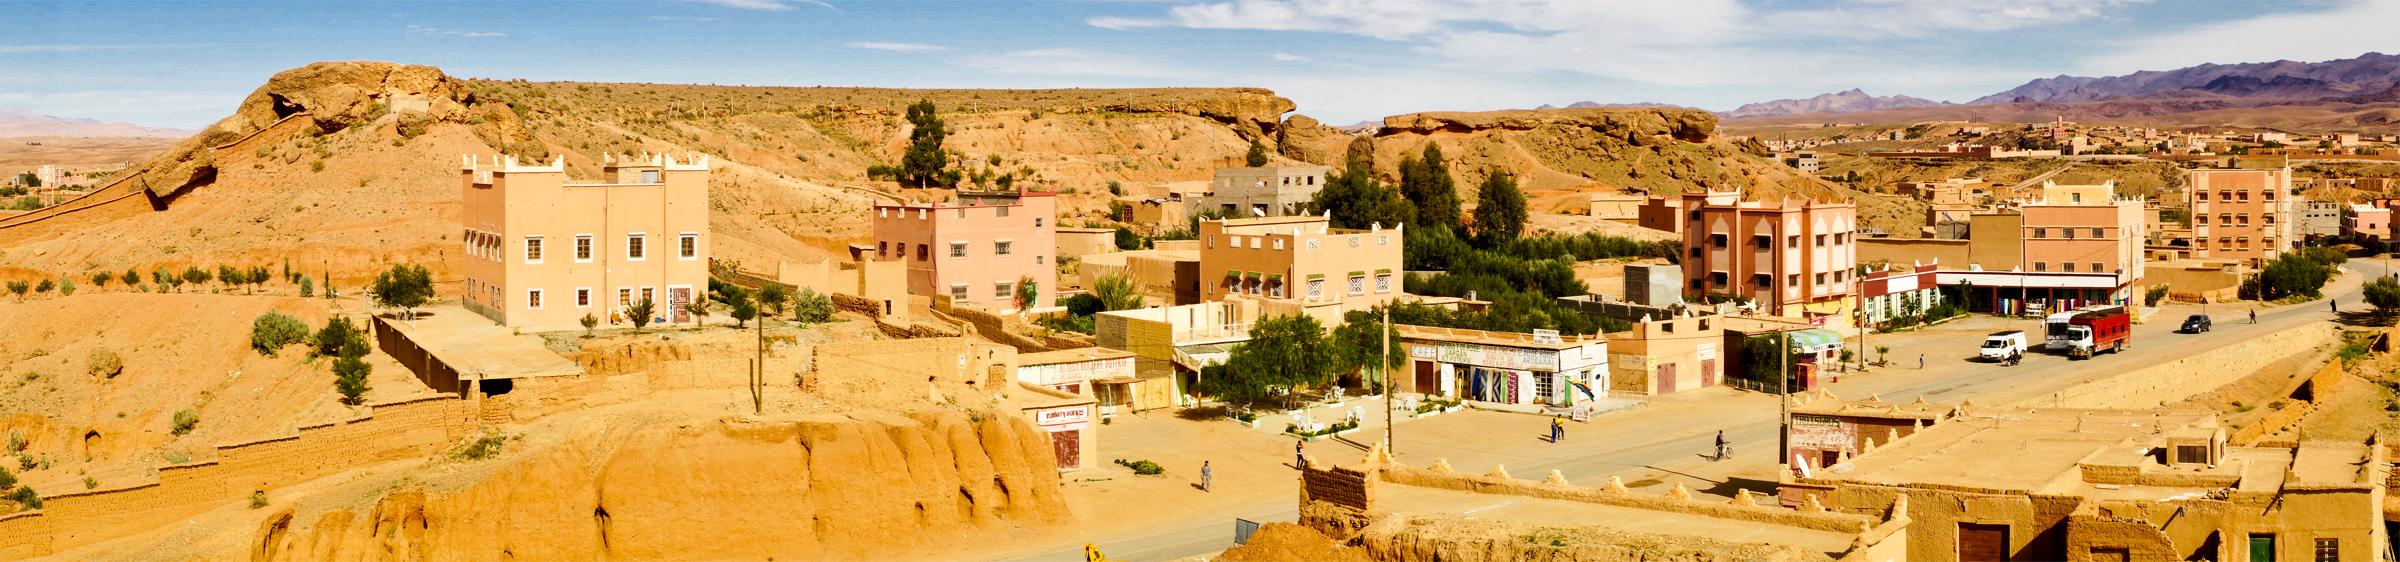 DesertTourPanorama.jpg